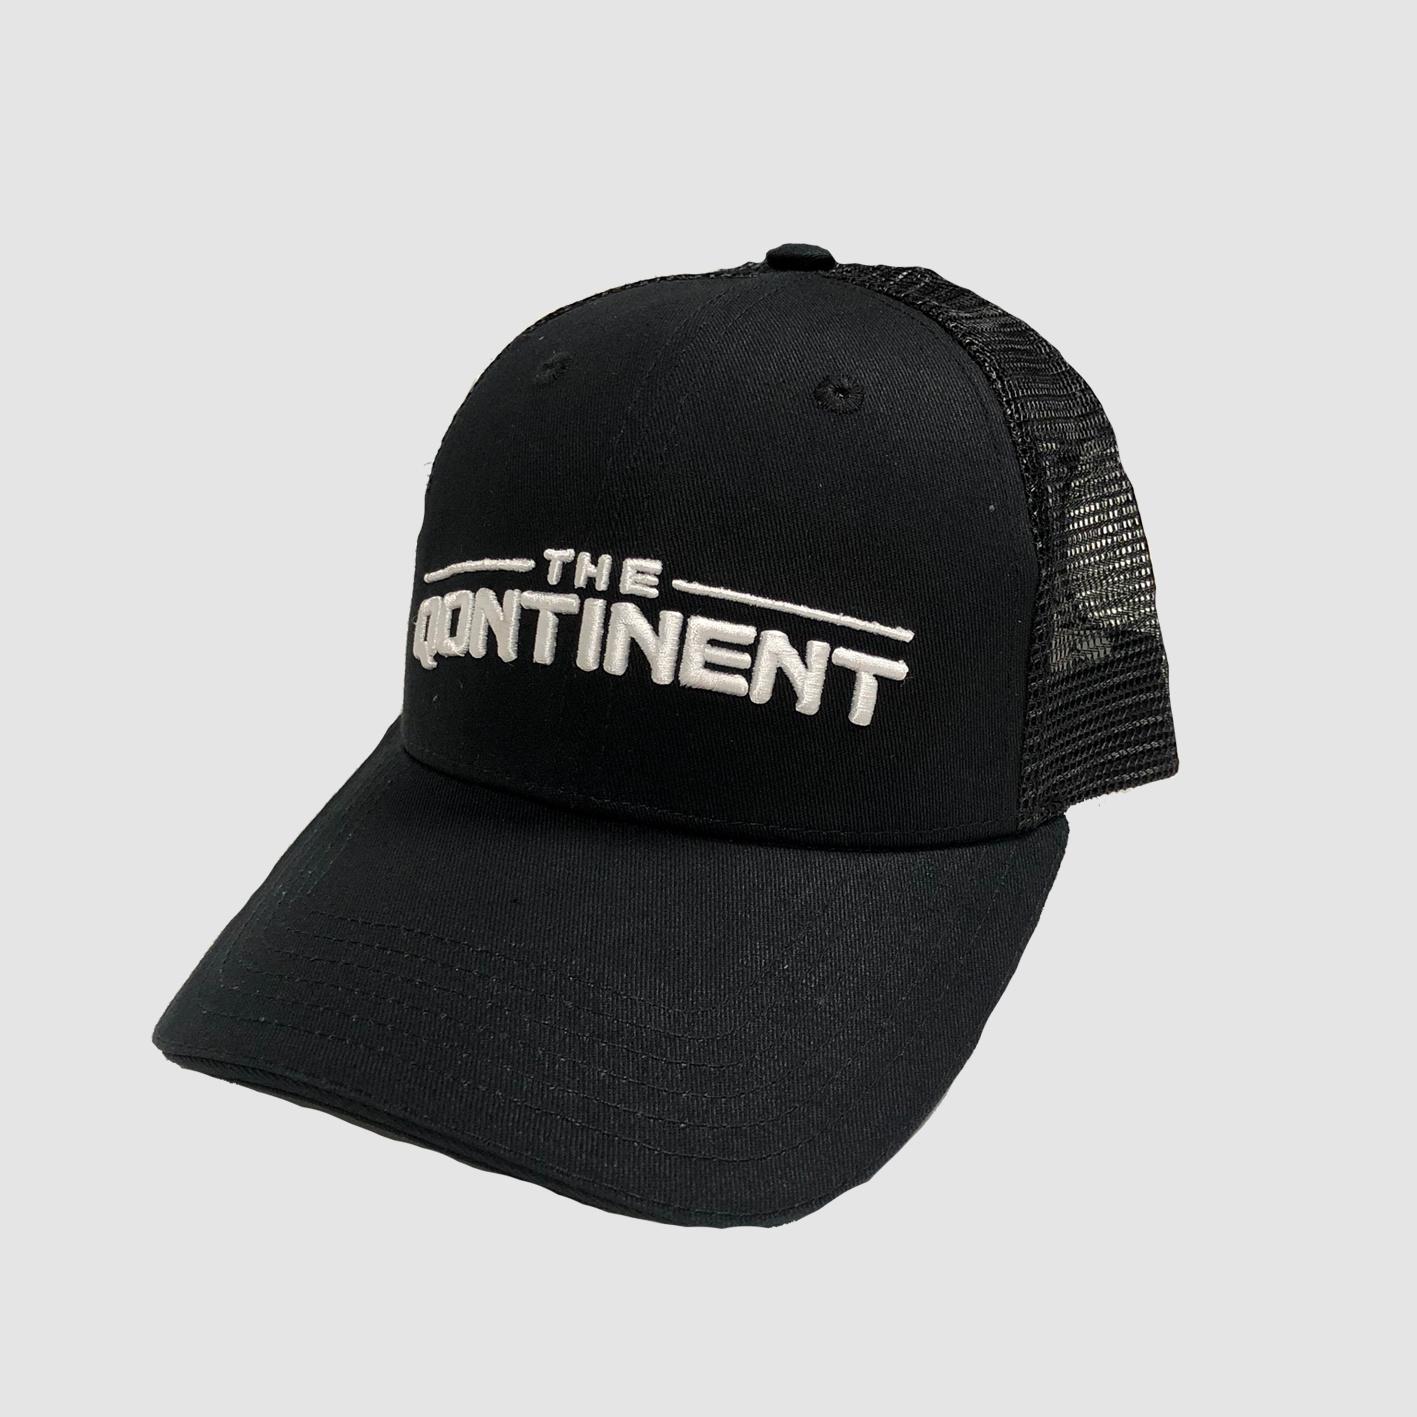 The Qontinent - Classic Black Truckercap